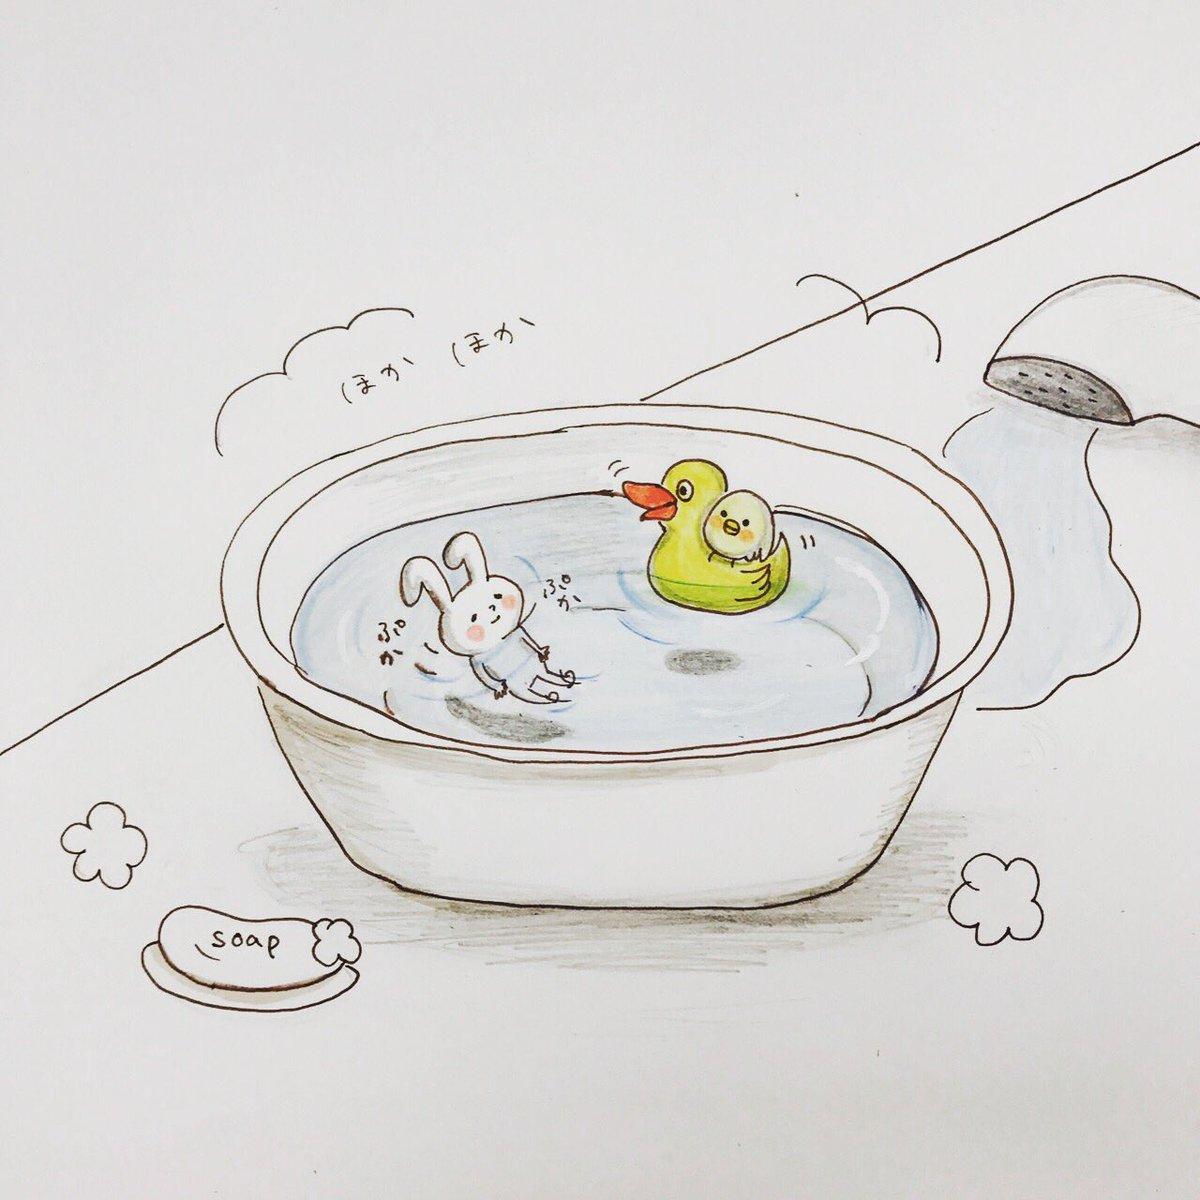 트위터의 Mochi Usagi 님 今日のお風呂ピヨ丸アヒルに乗る